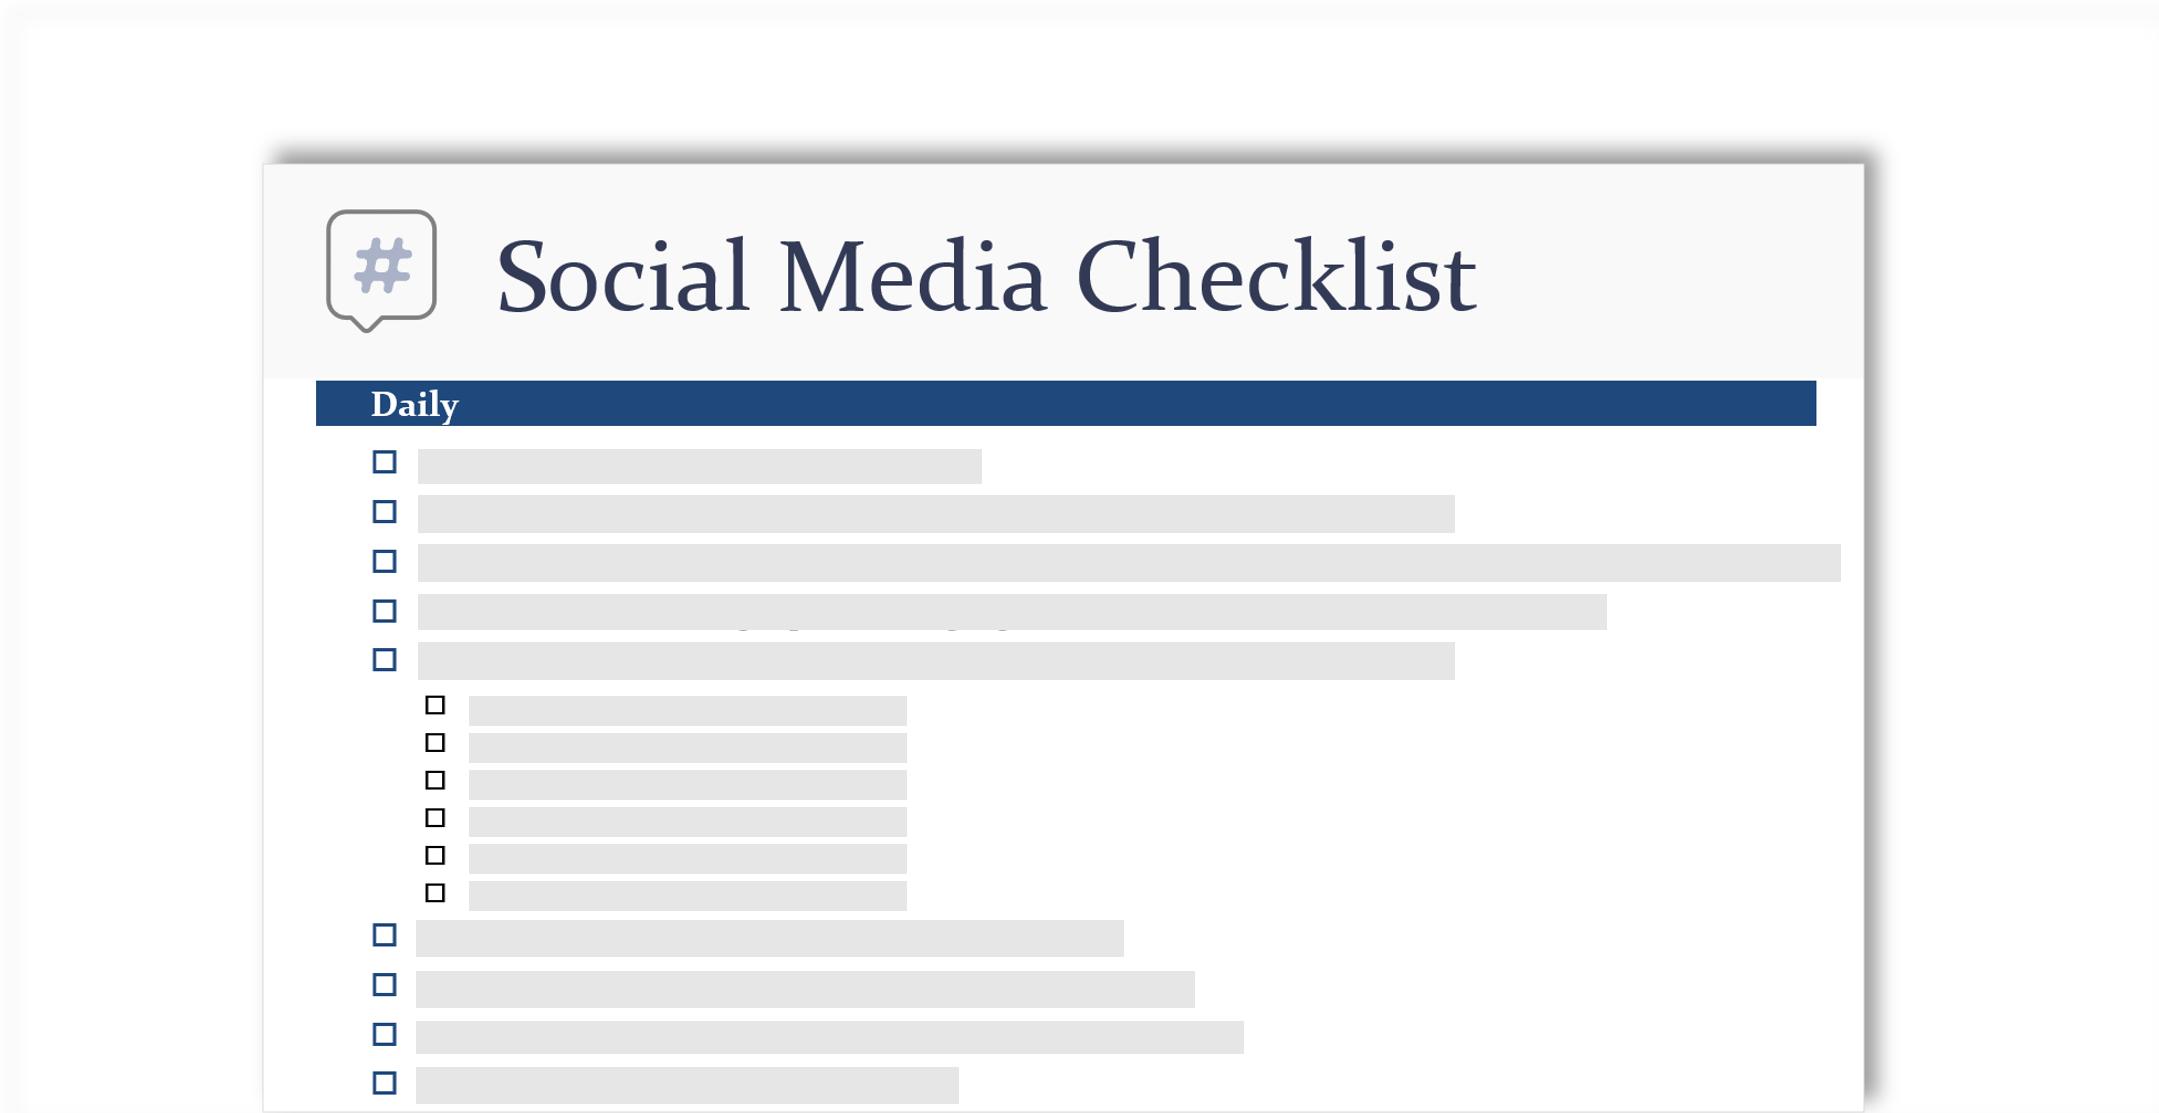 소셜 미디어 점검 목록에 대 한 개념도